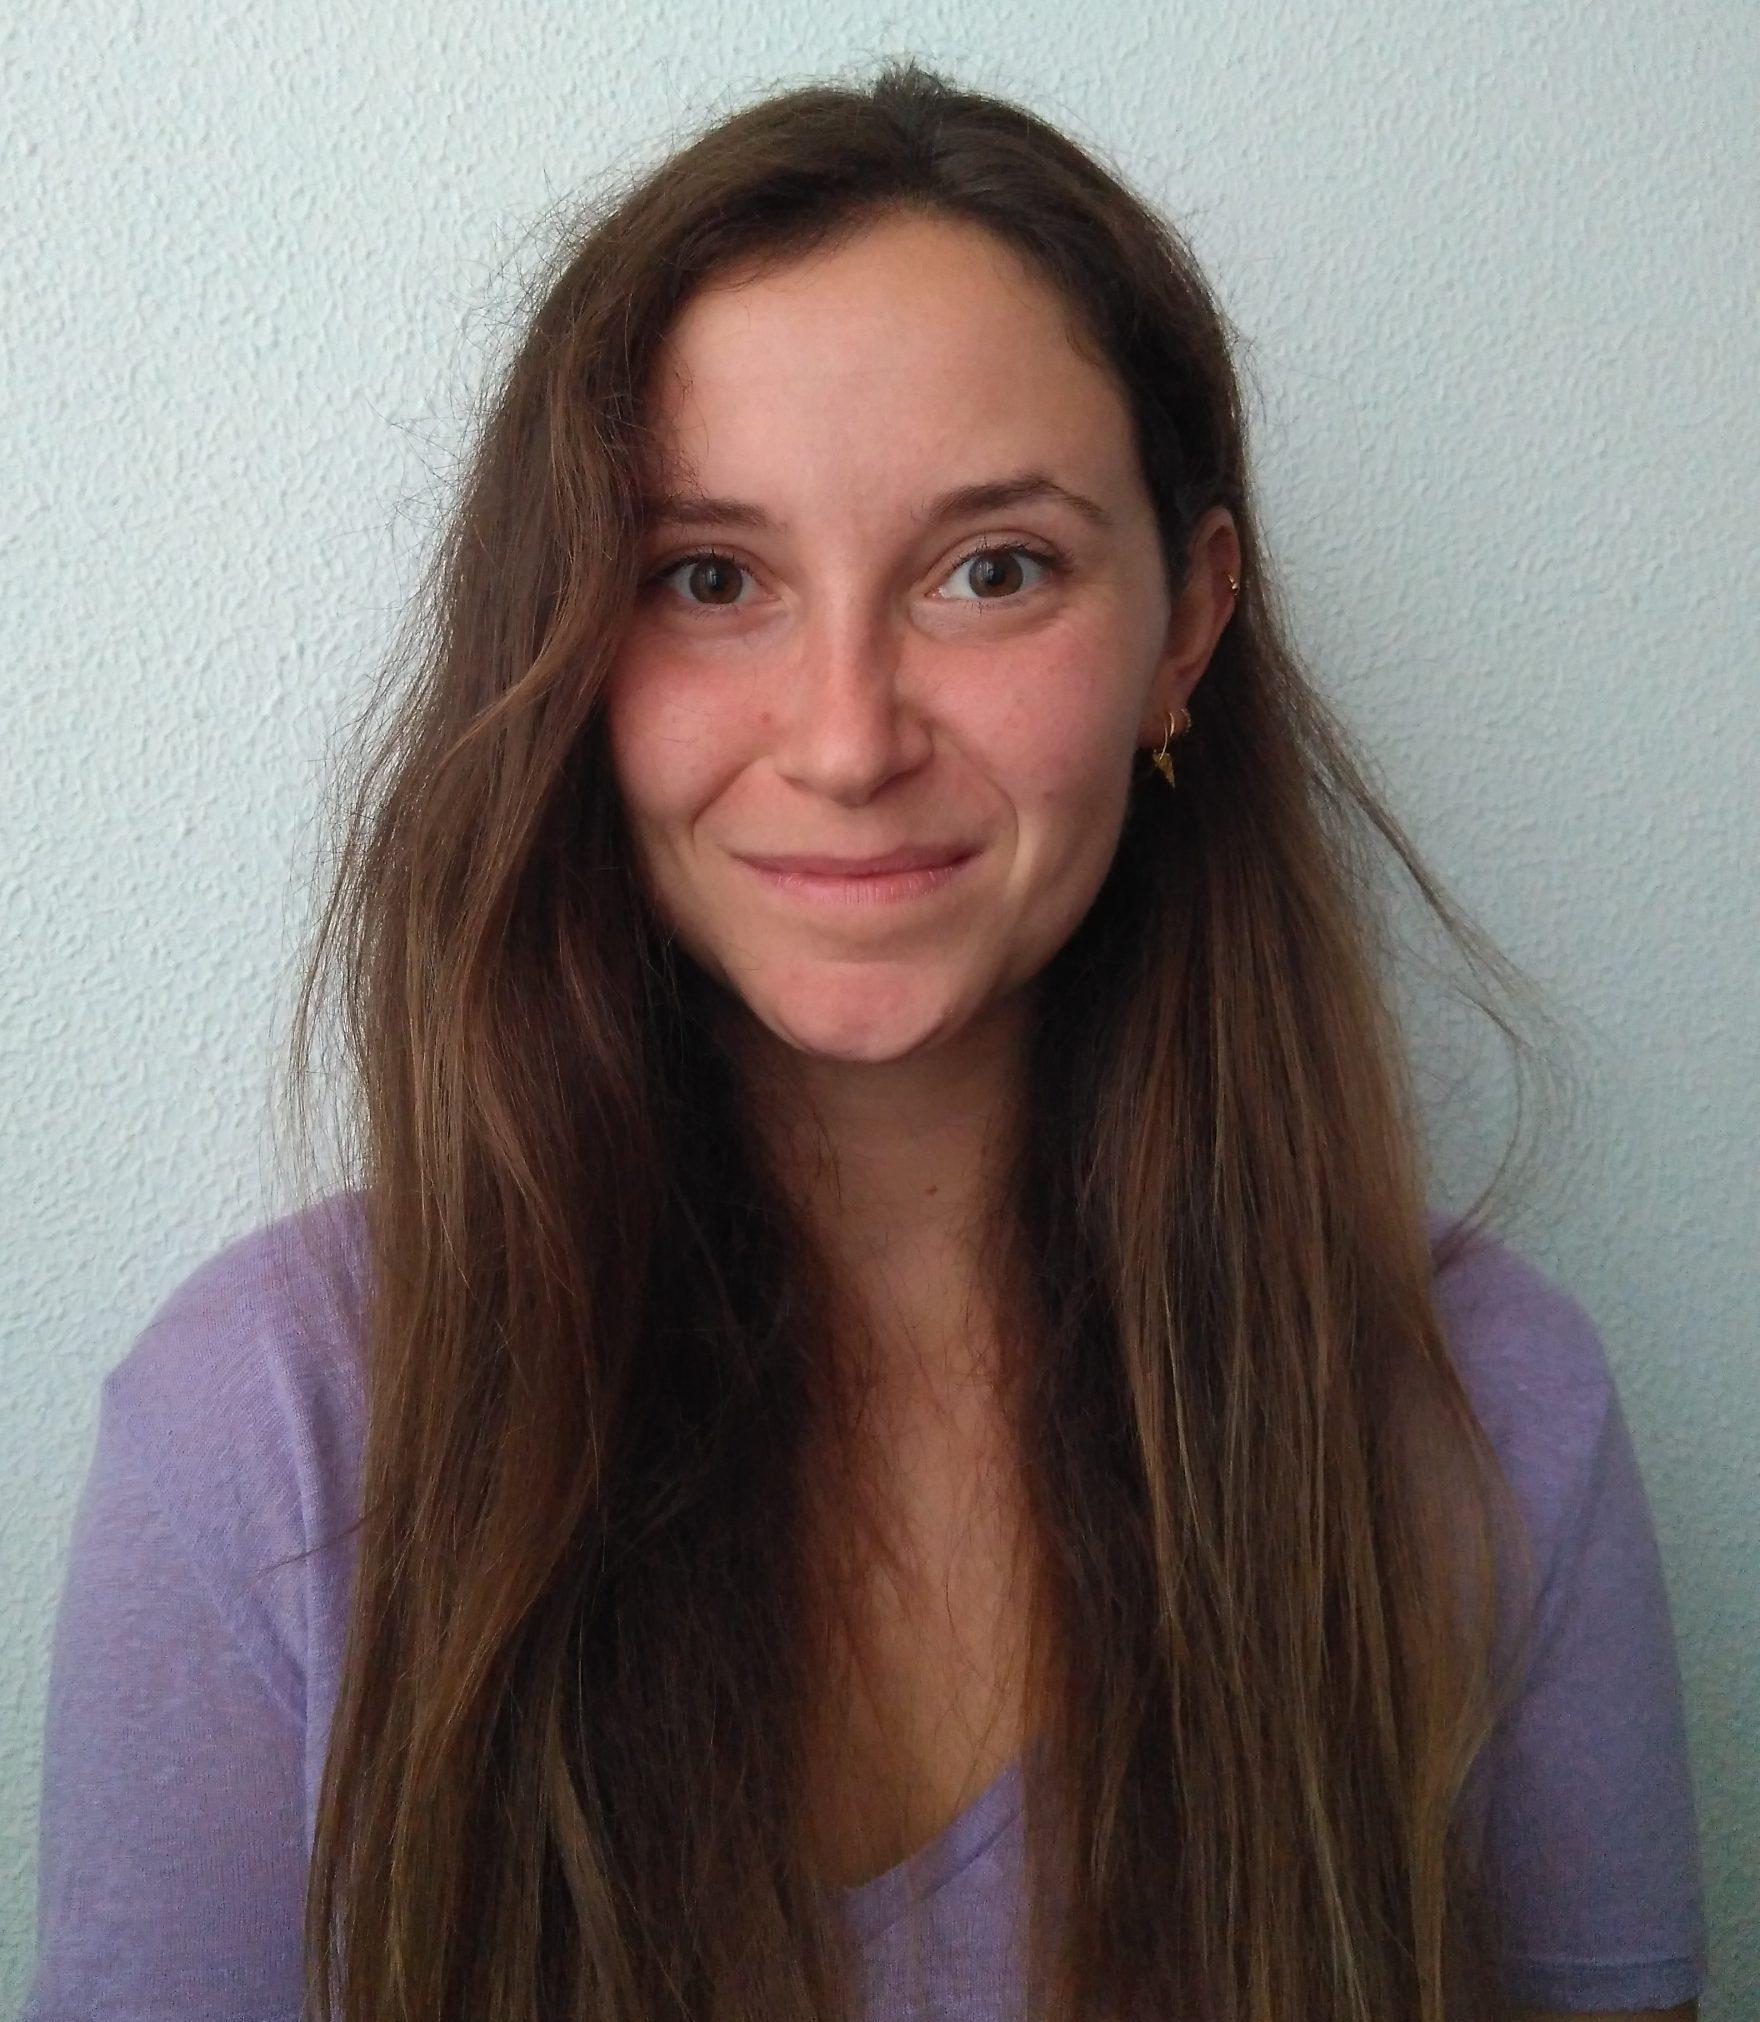 Cristina Barrós Pérez